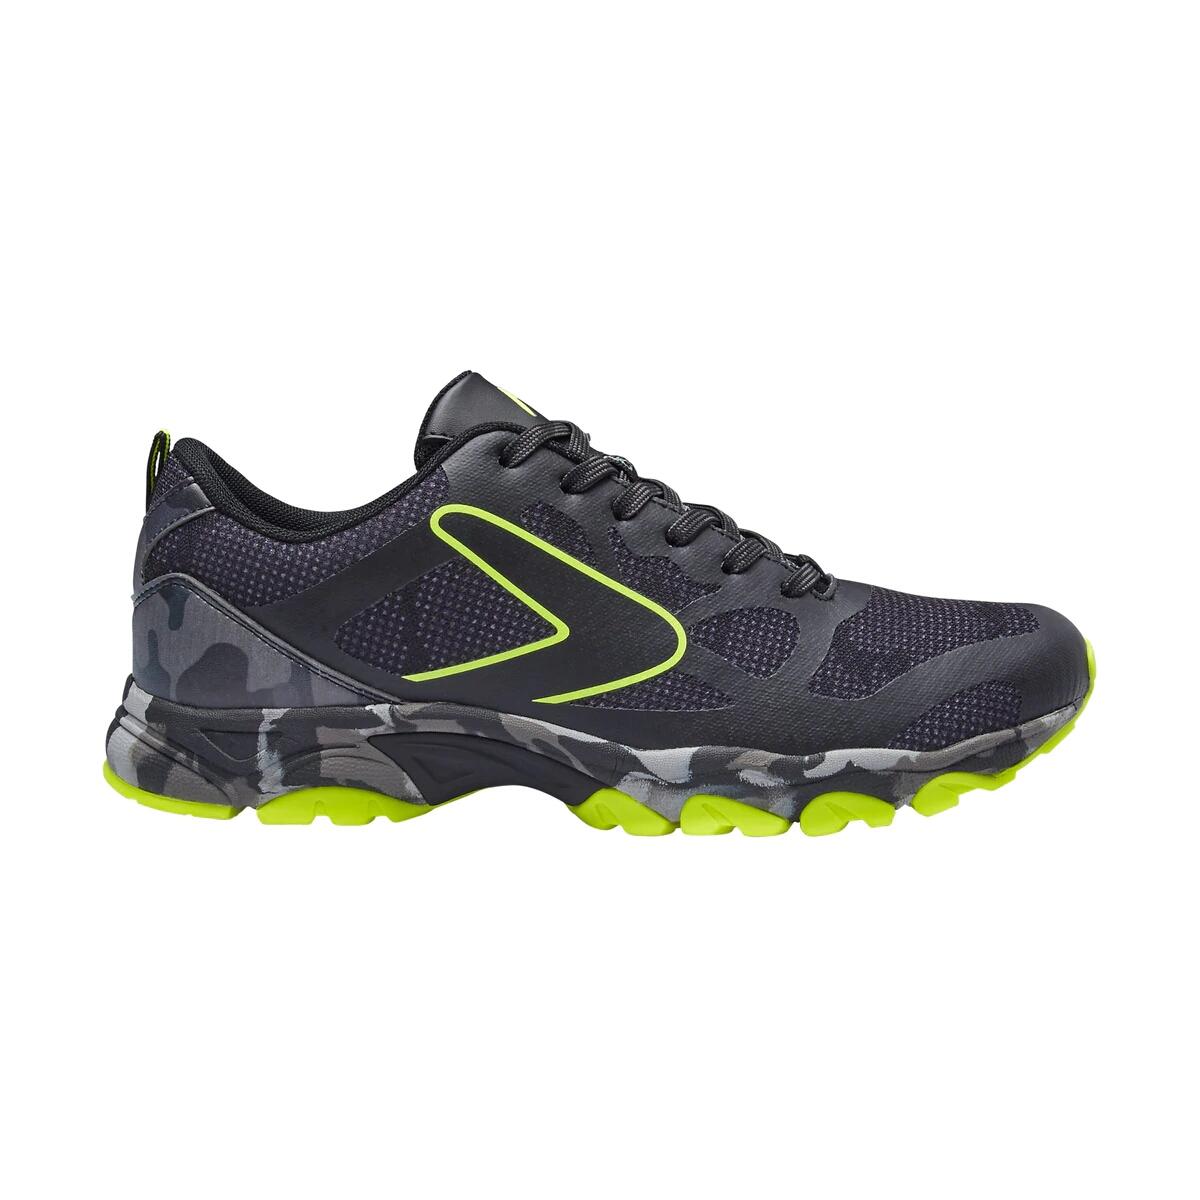 Zapatillas de trail running de hombre Trim IV Boomerang